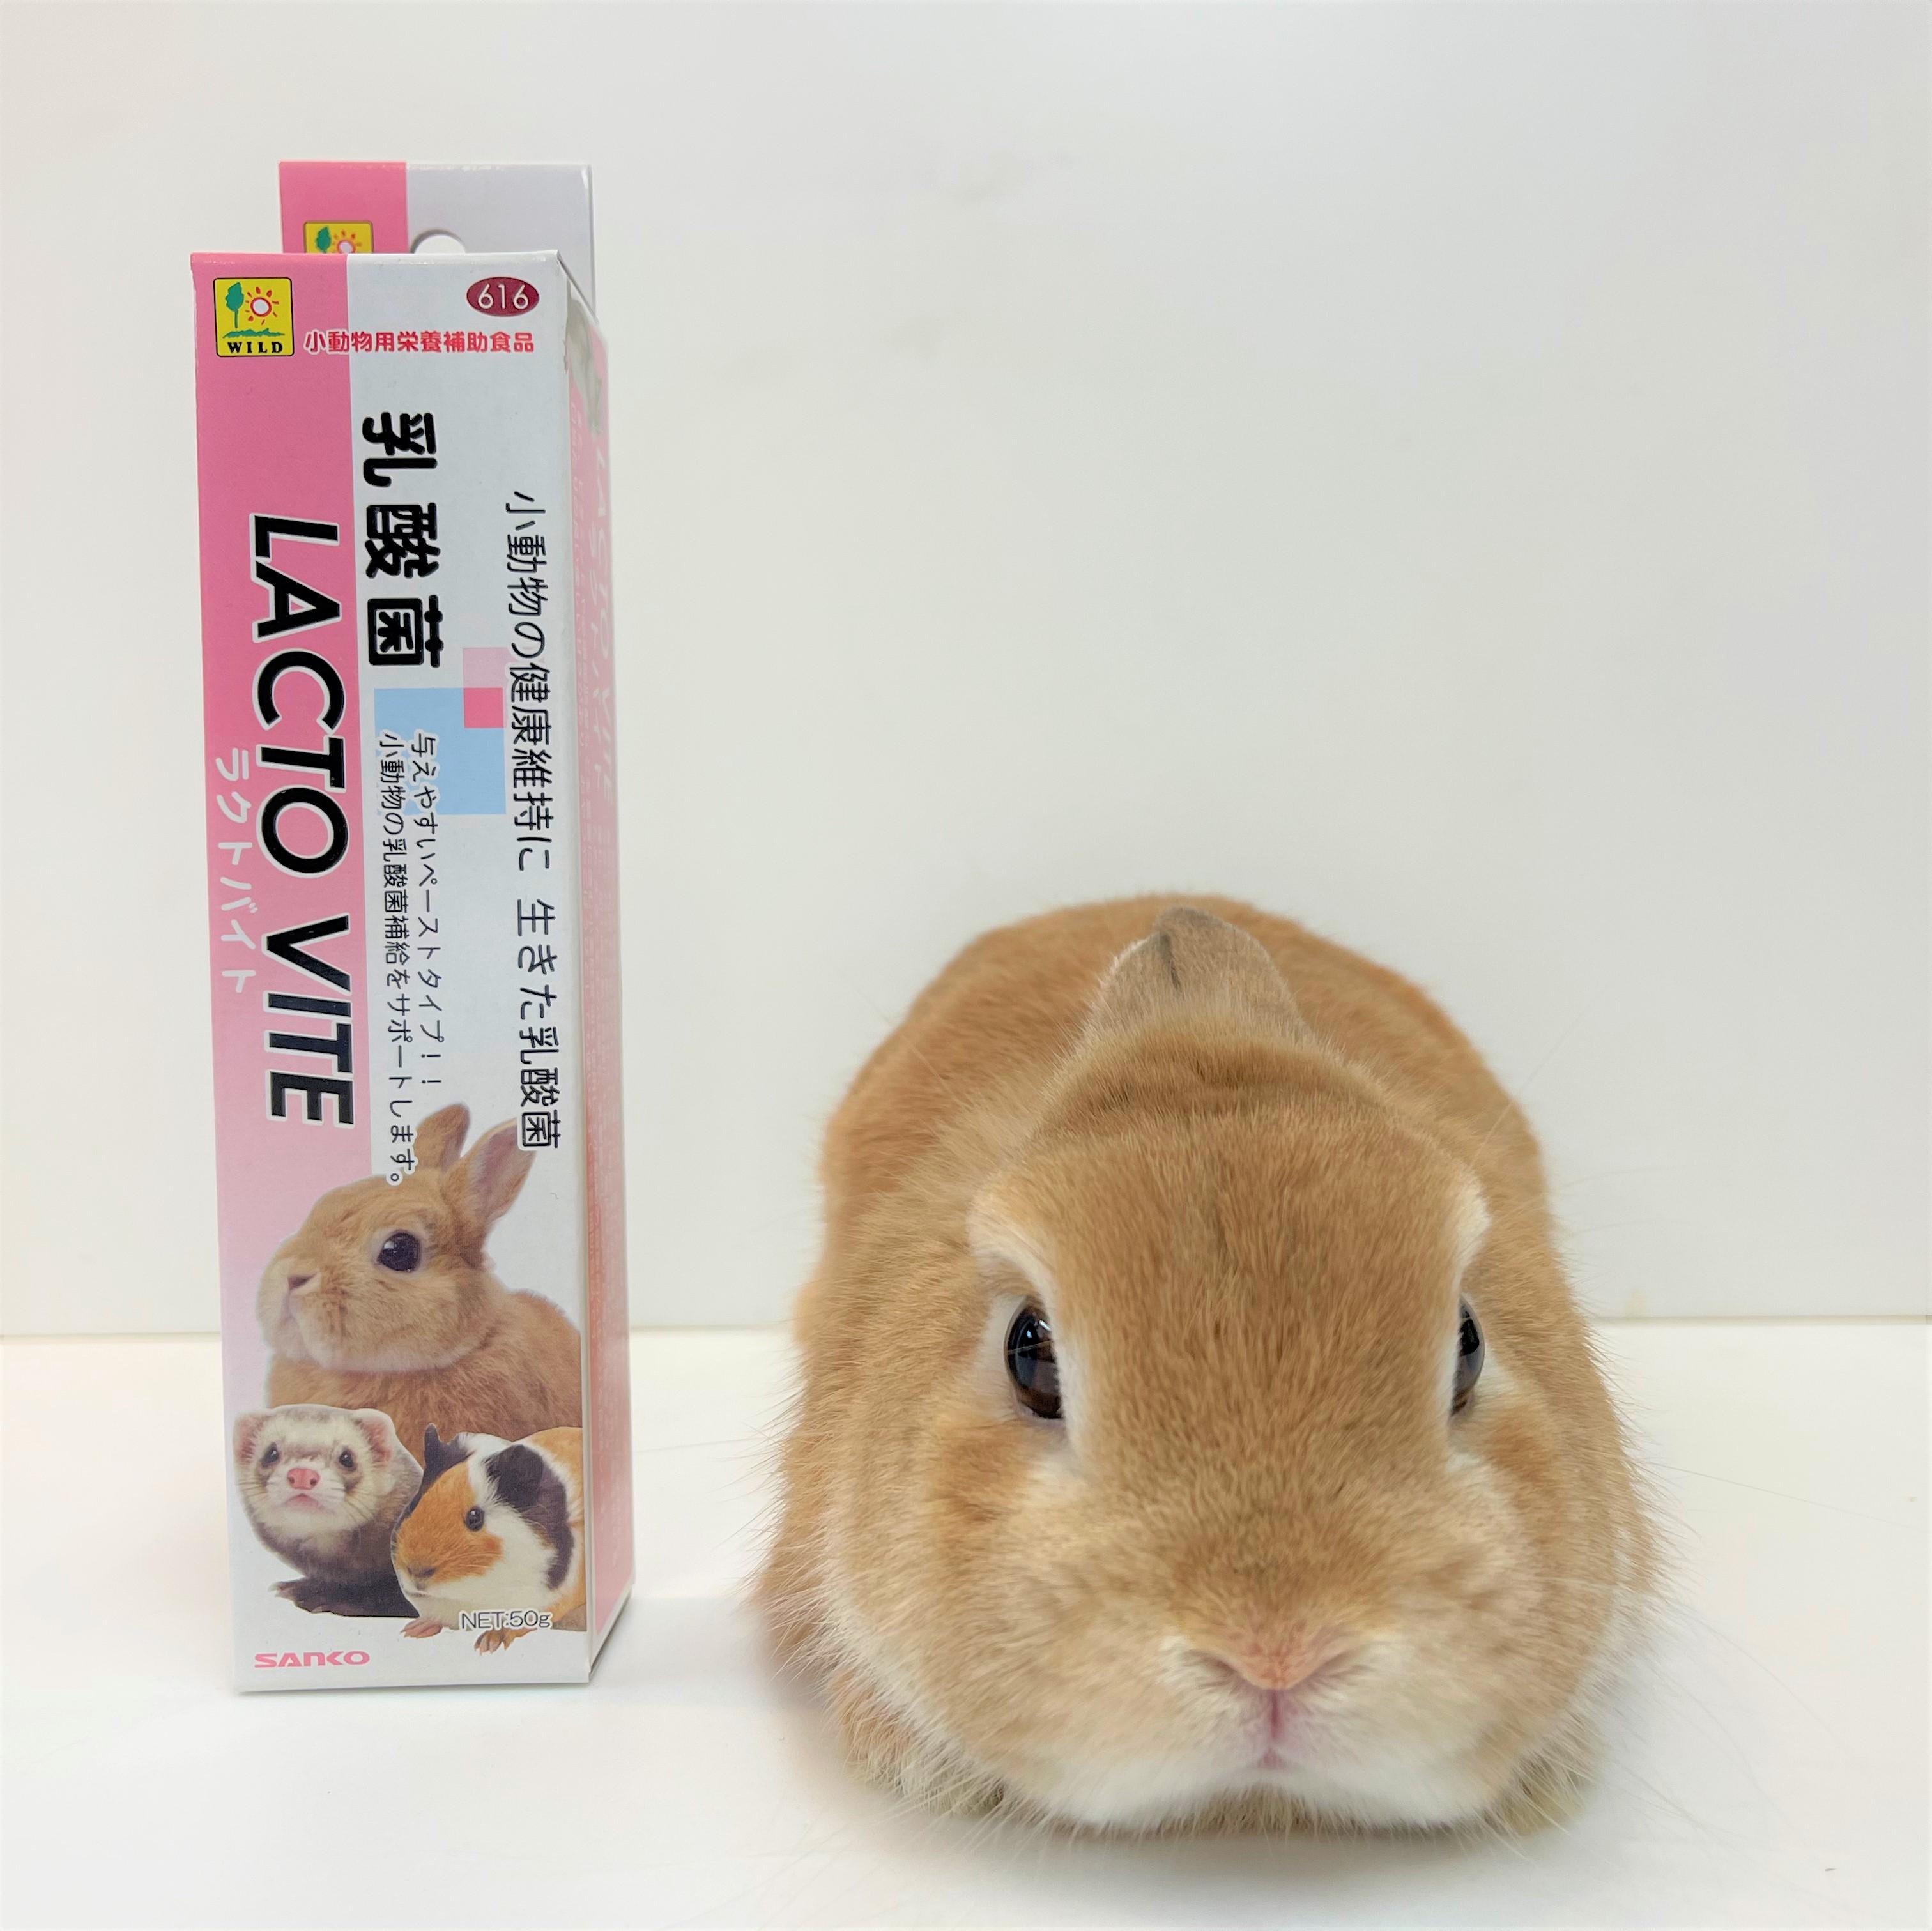 小動物の健康維持に 卓抜 生きた乳酸菌 SANKO 新作製品、世界最高品質人気! ラクトバイト 50g